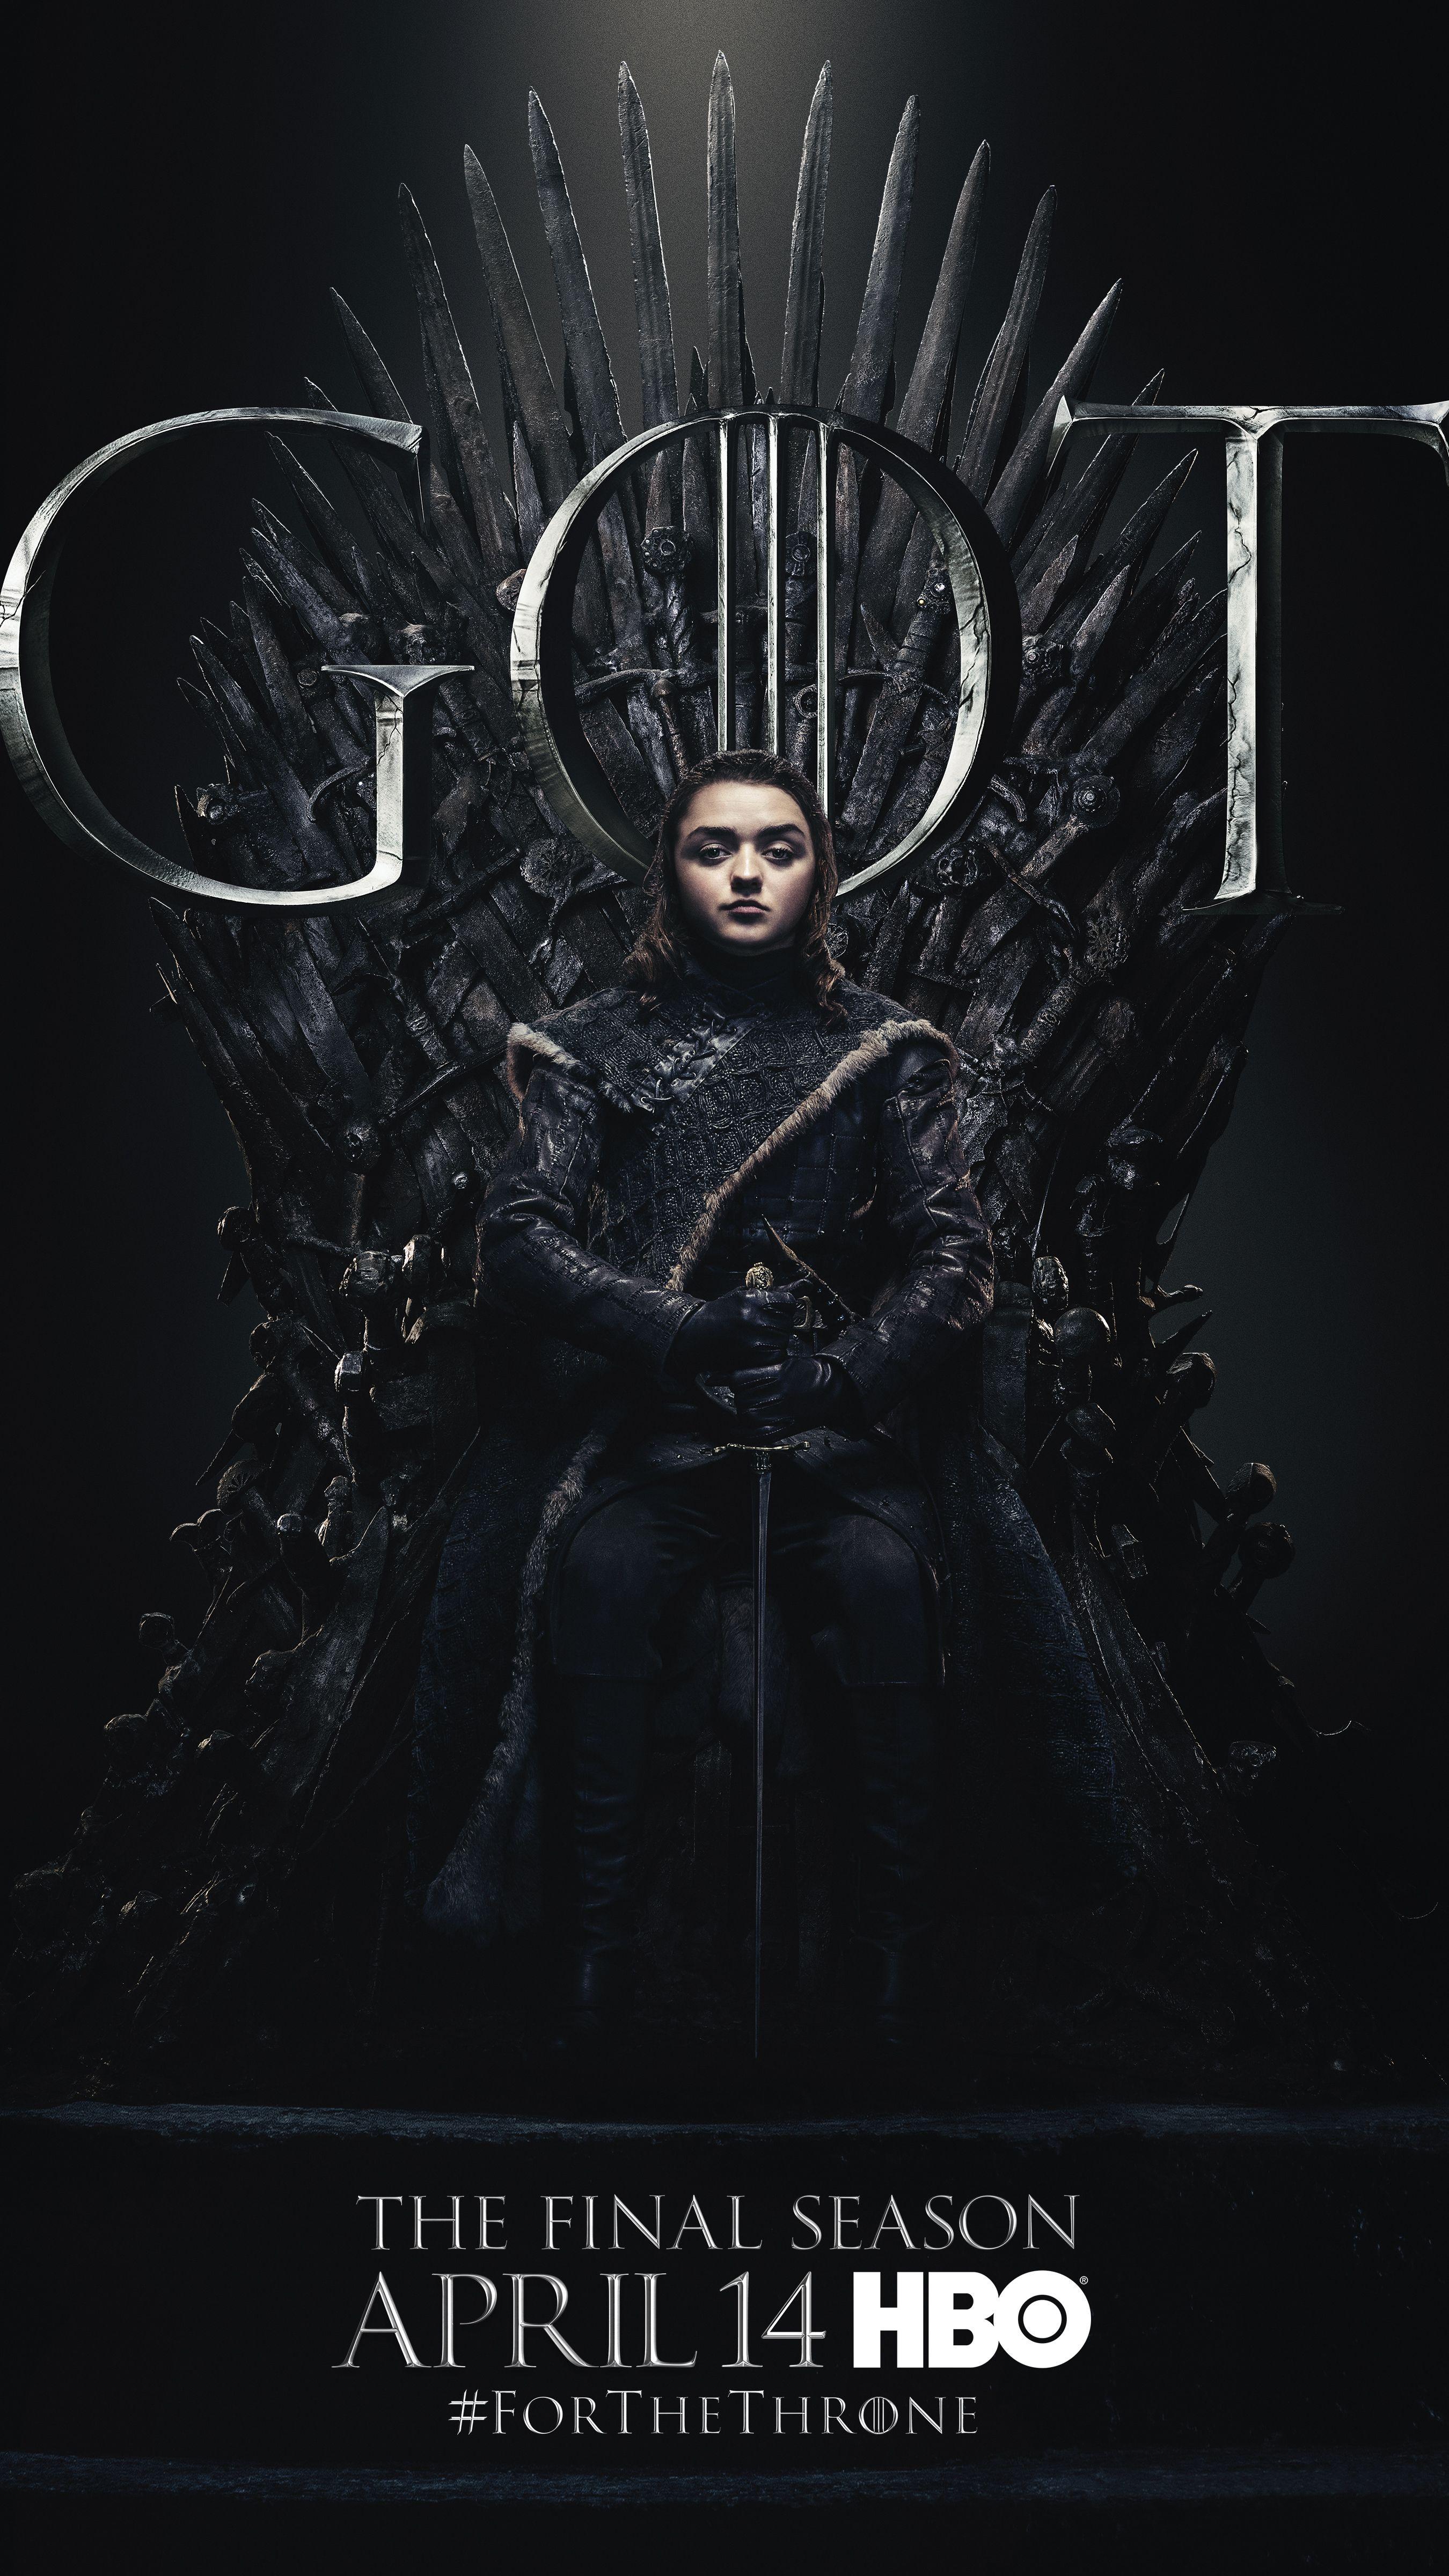 Game Of Thrones Saison 8 Episode 3 Vostfr Download : thrones, saison, episode, vostfr, download, Games, Thrones, Saison, Episode, Streaming, Klewer